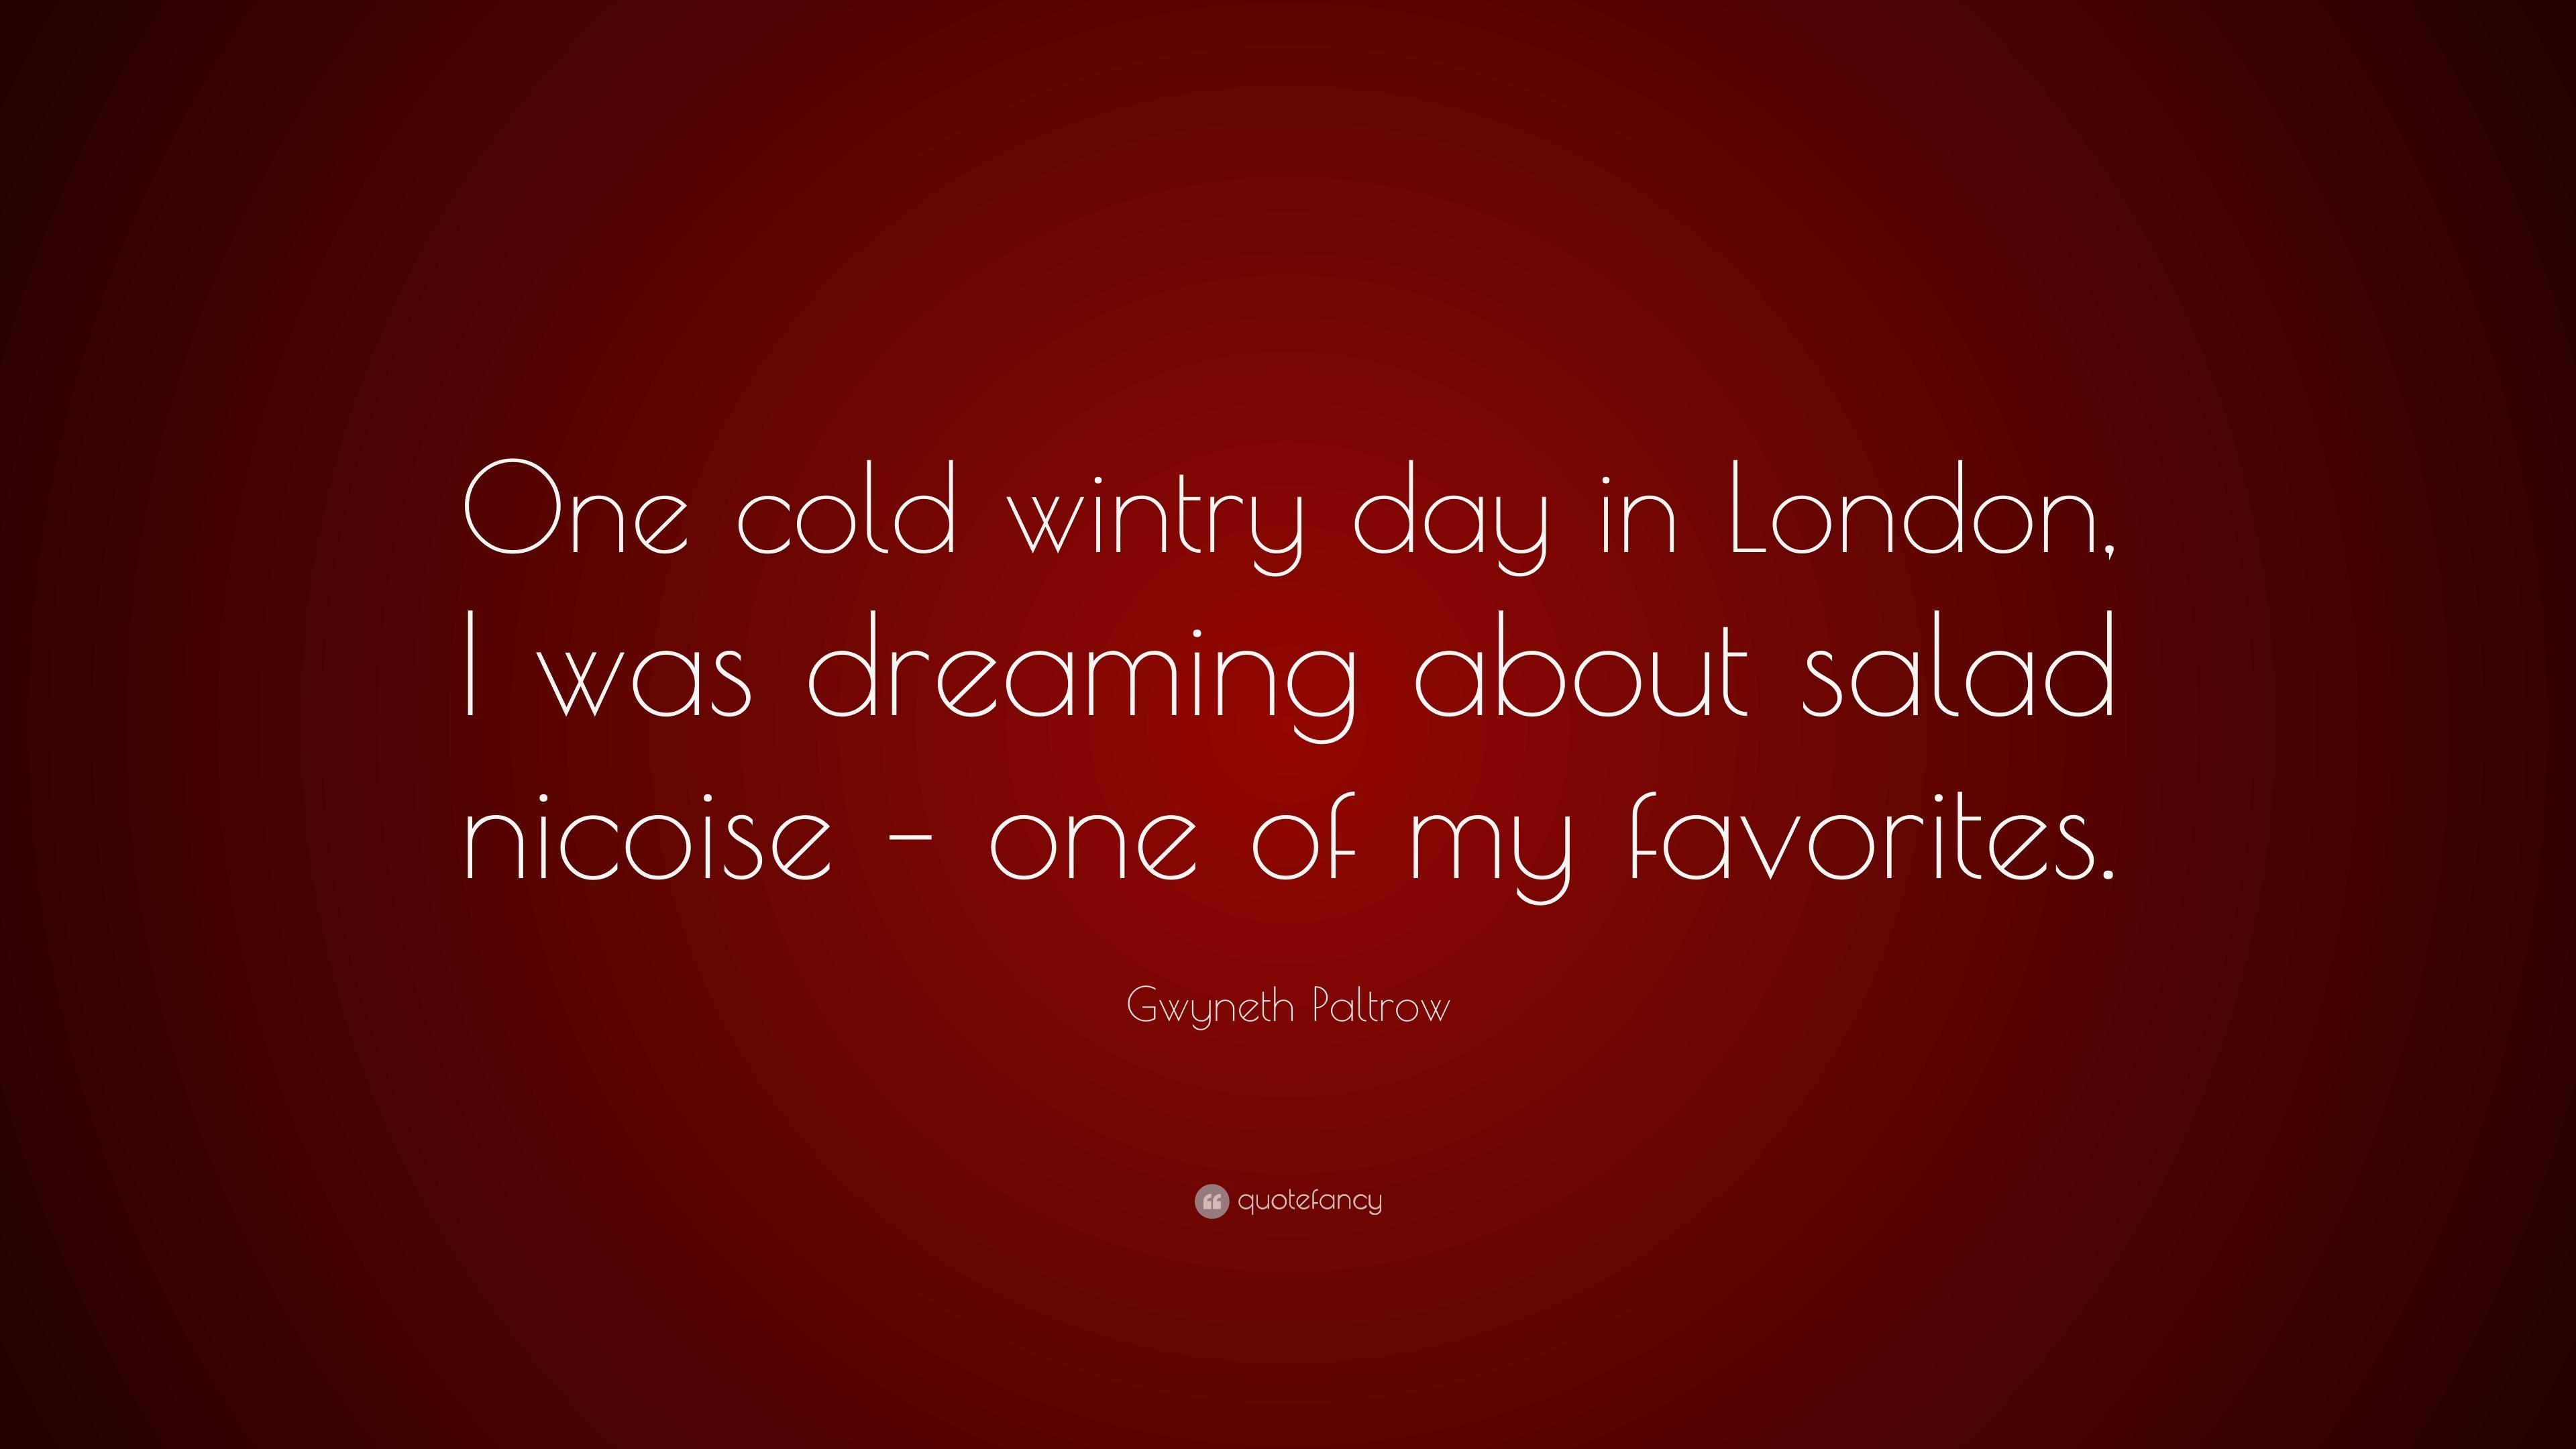 Nicoise salad quote